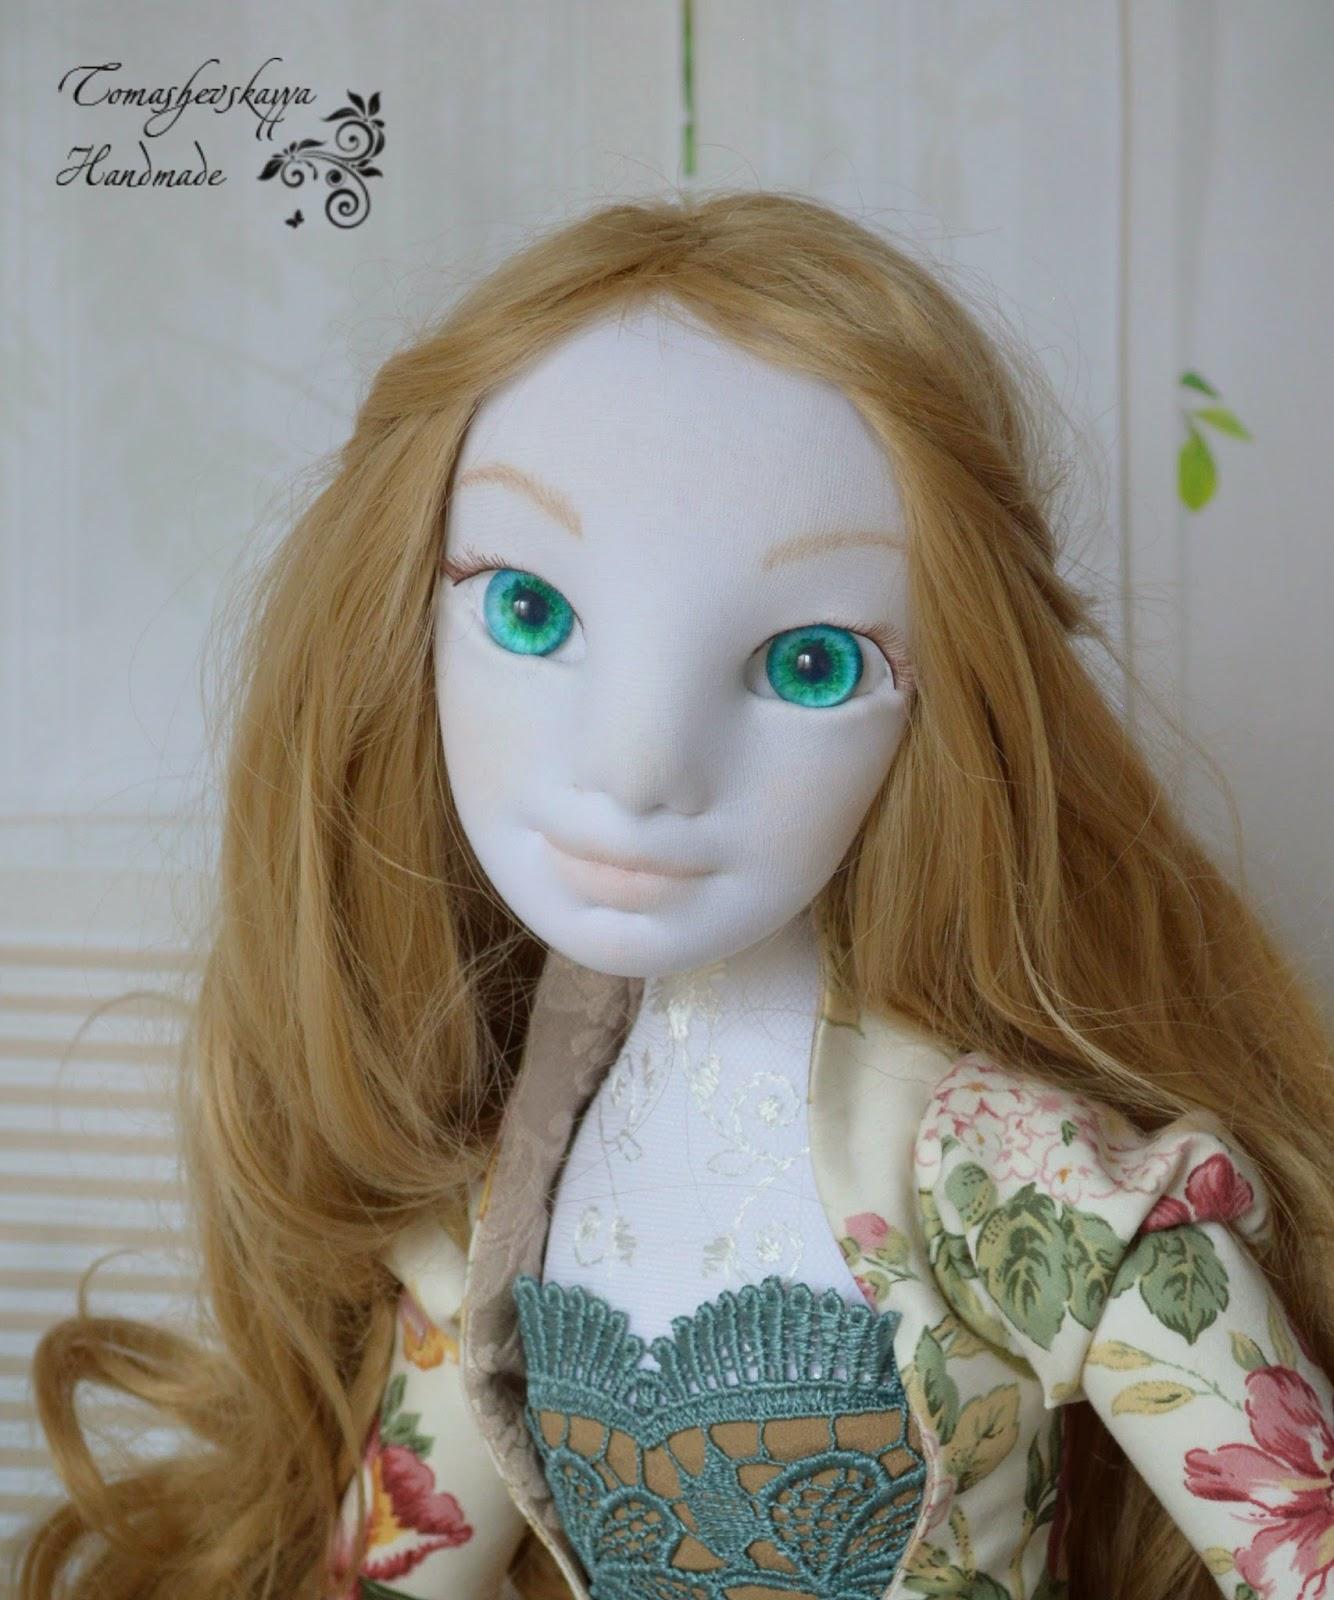 Картинка будуарная кукла с объемным лицом